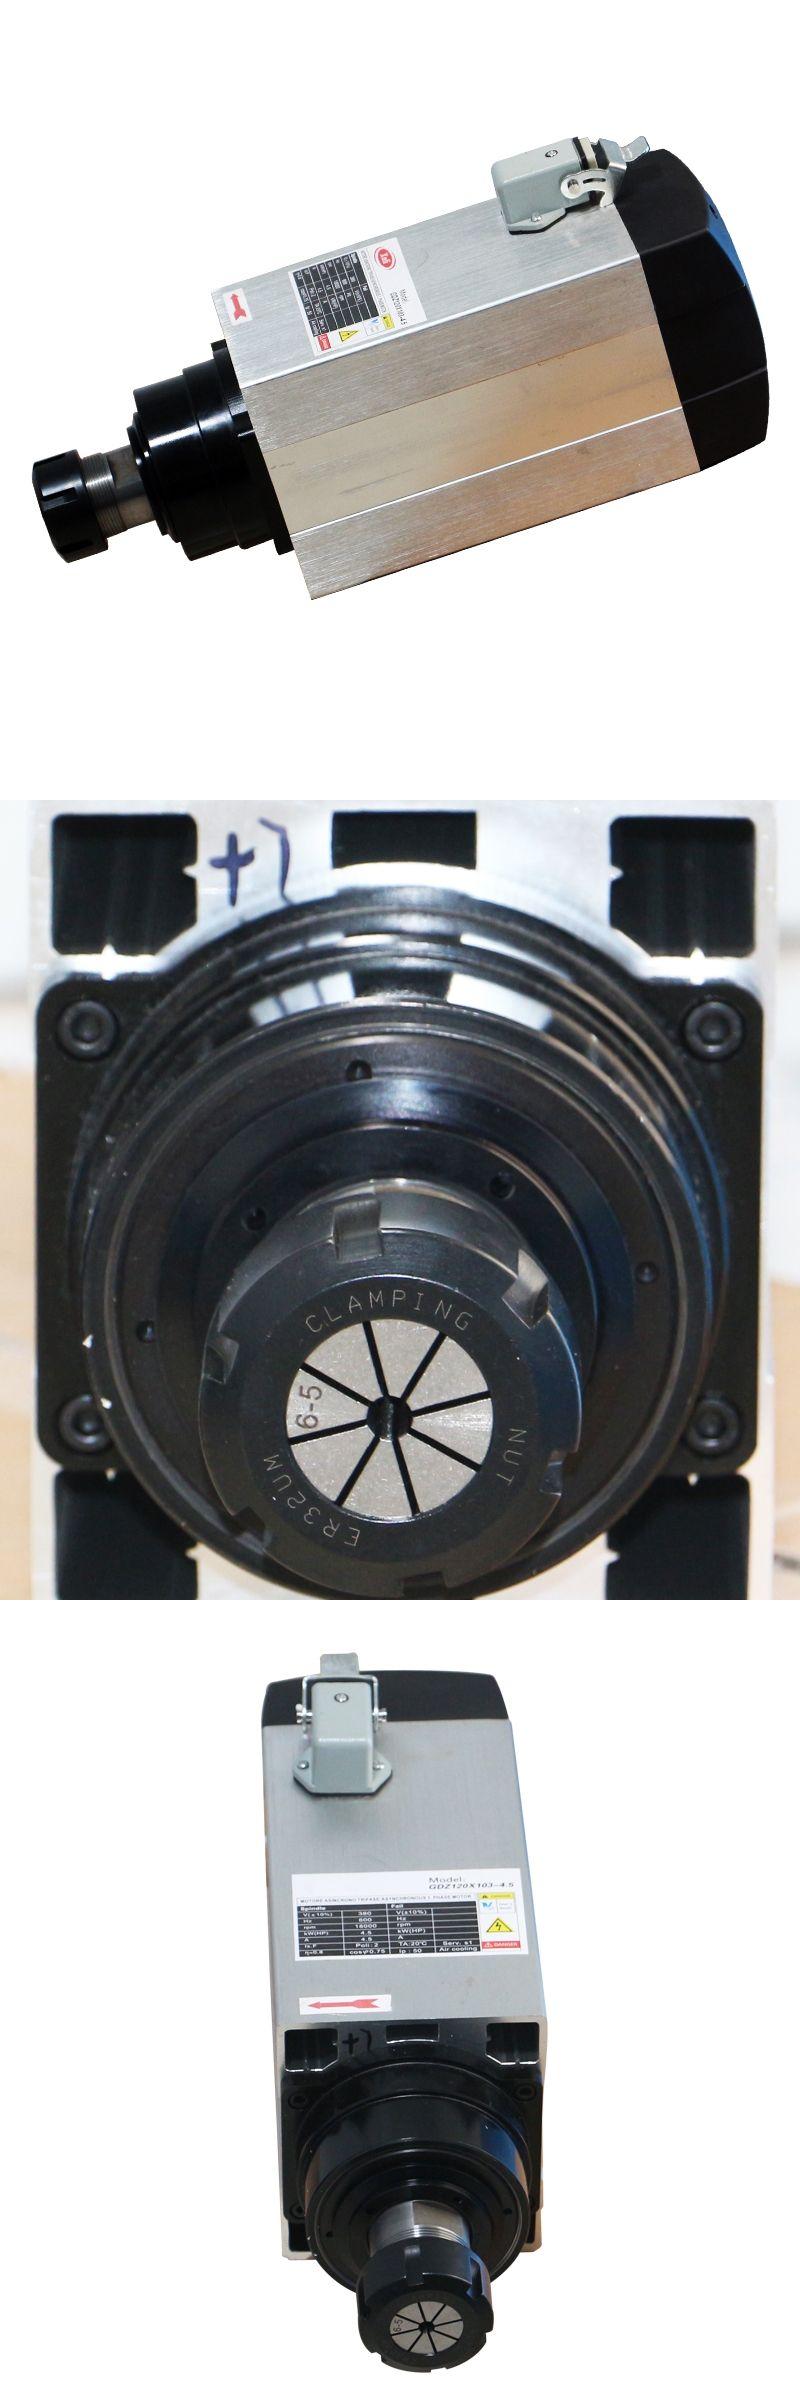 Hot sale 4.5KW air cooled spindle motor 18000RPM ER32 380V